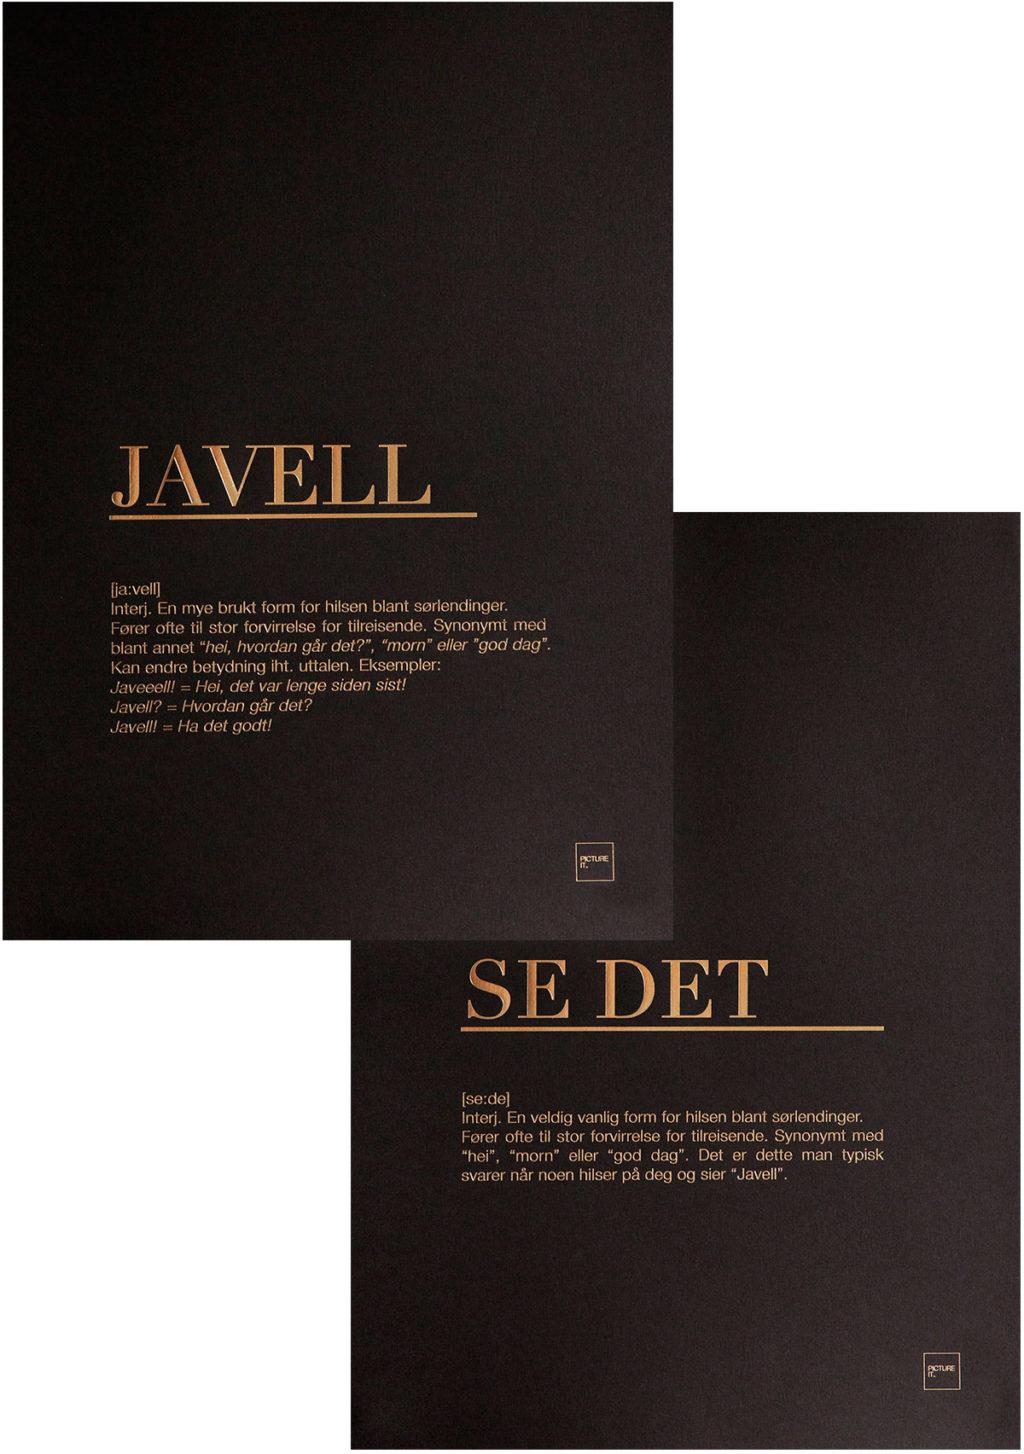 javell-se-det-gullposters